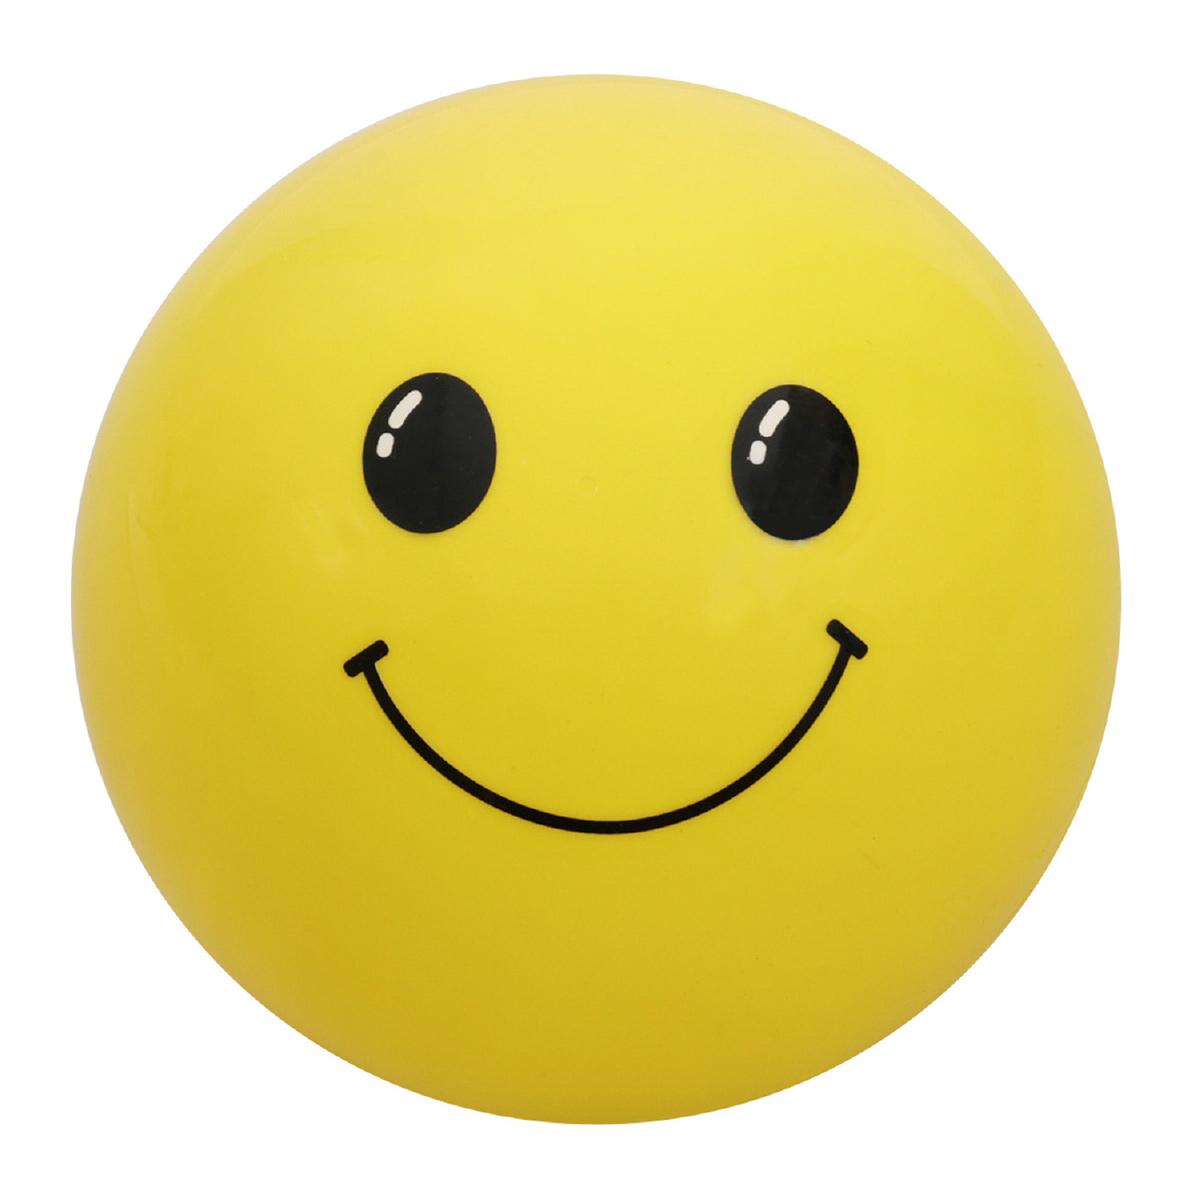 にっこり キッズボール ゴムボール 約φ12cm 玩具 おもちゃ 子供 外遊び 室内 キッズ 幼児 小学生 幼稚園 保育園 知育玩具 スマイル 顔 かわいい 男の子 女の子 クリスマスプレゼント